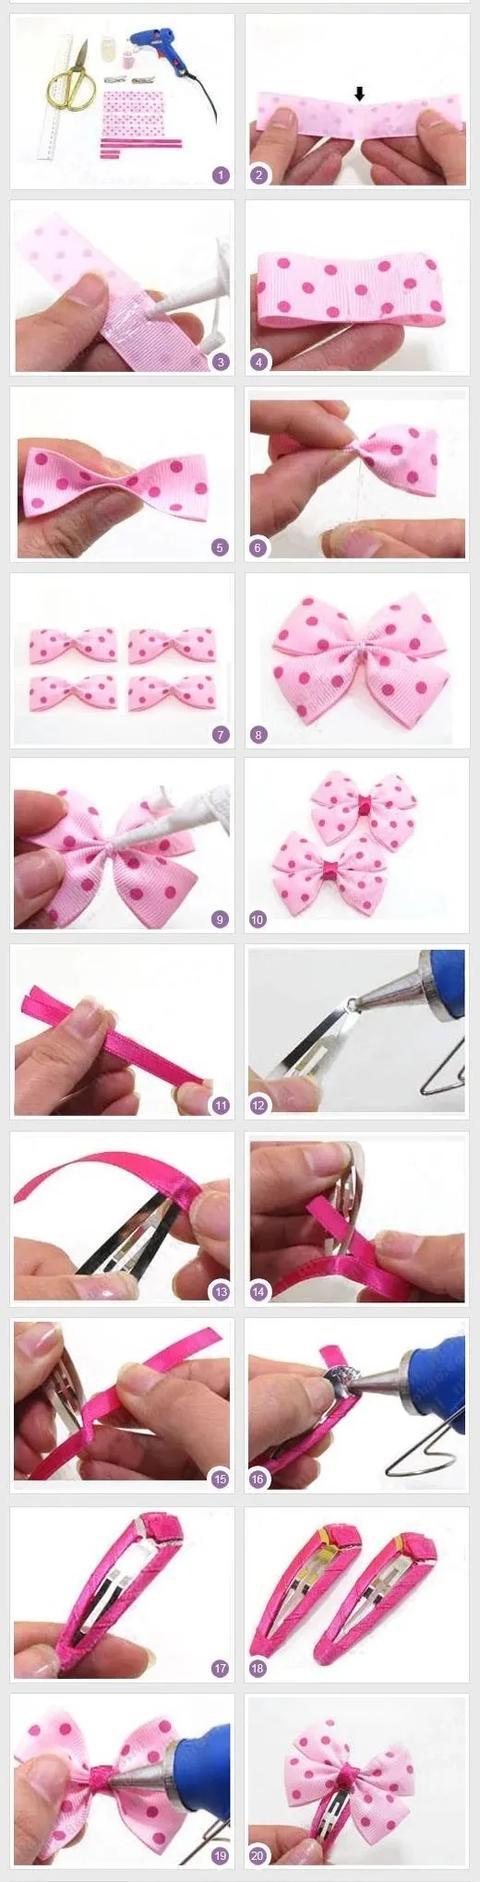 做几个最基础的蝴蝶结,再加上小花或珠子装饰下,瞬间美爆了